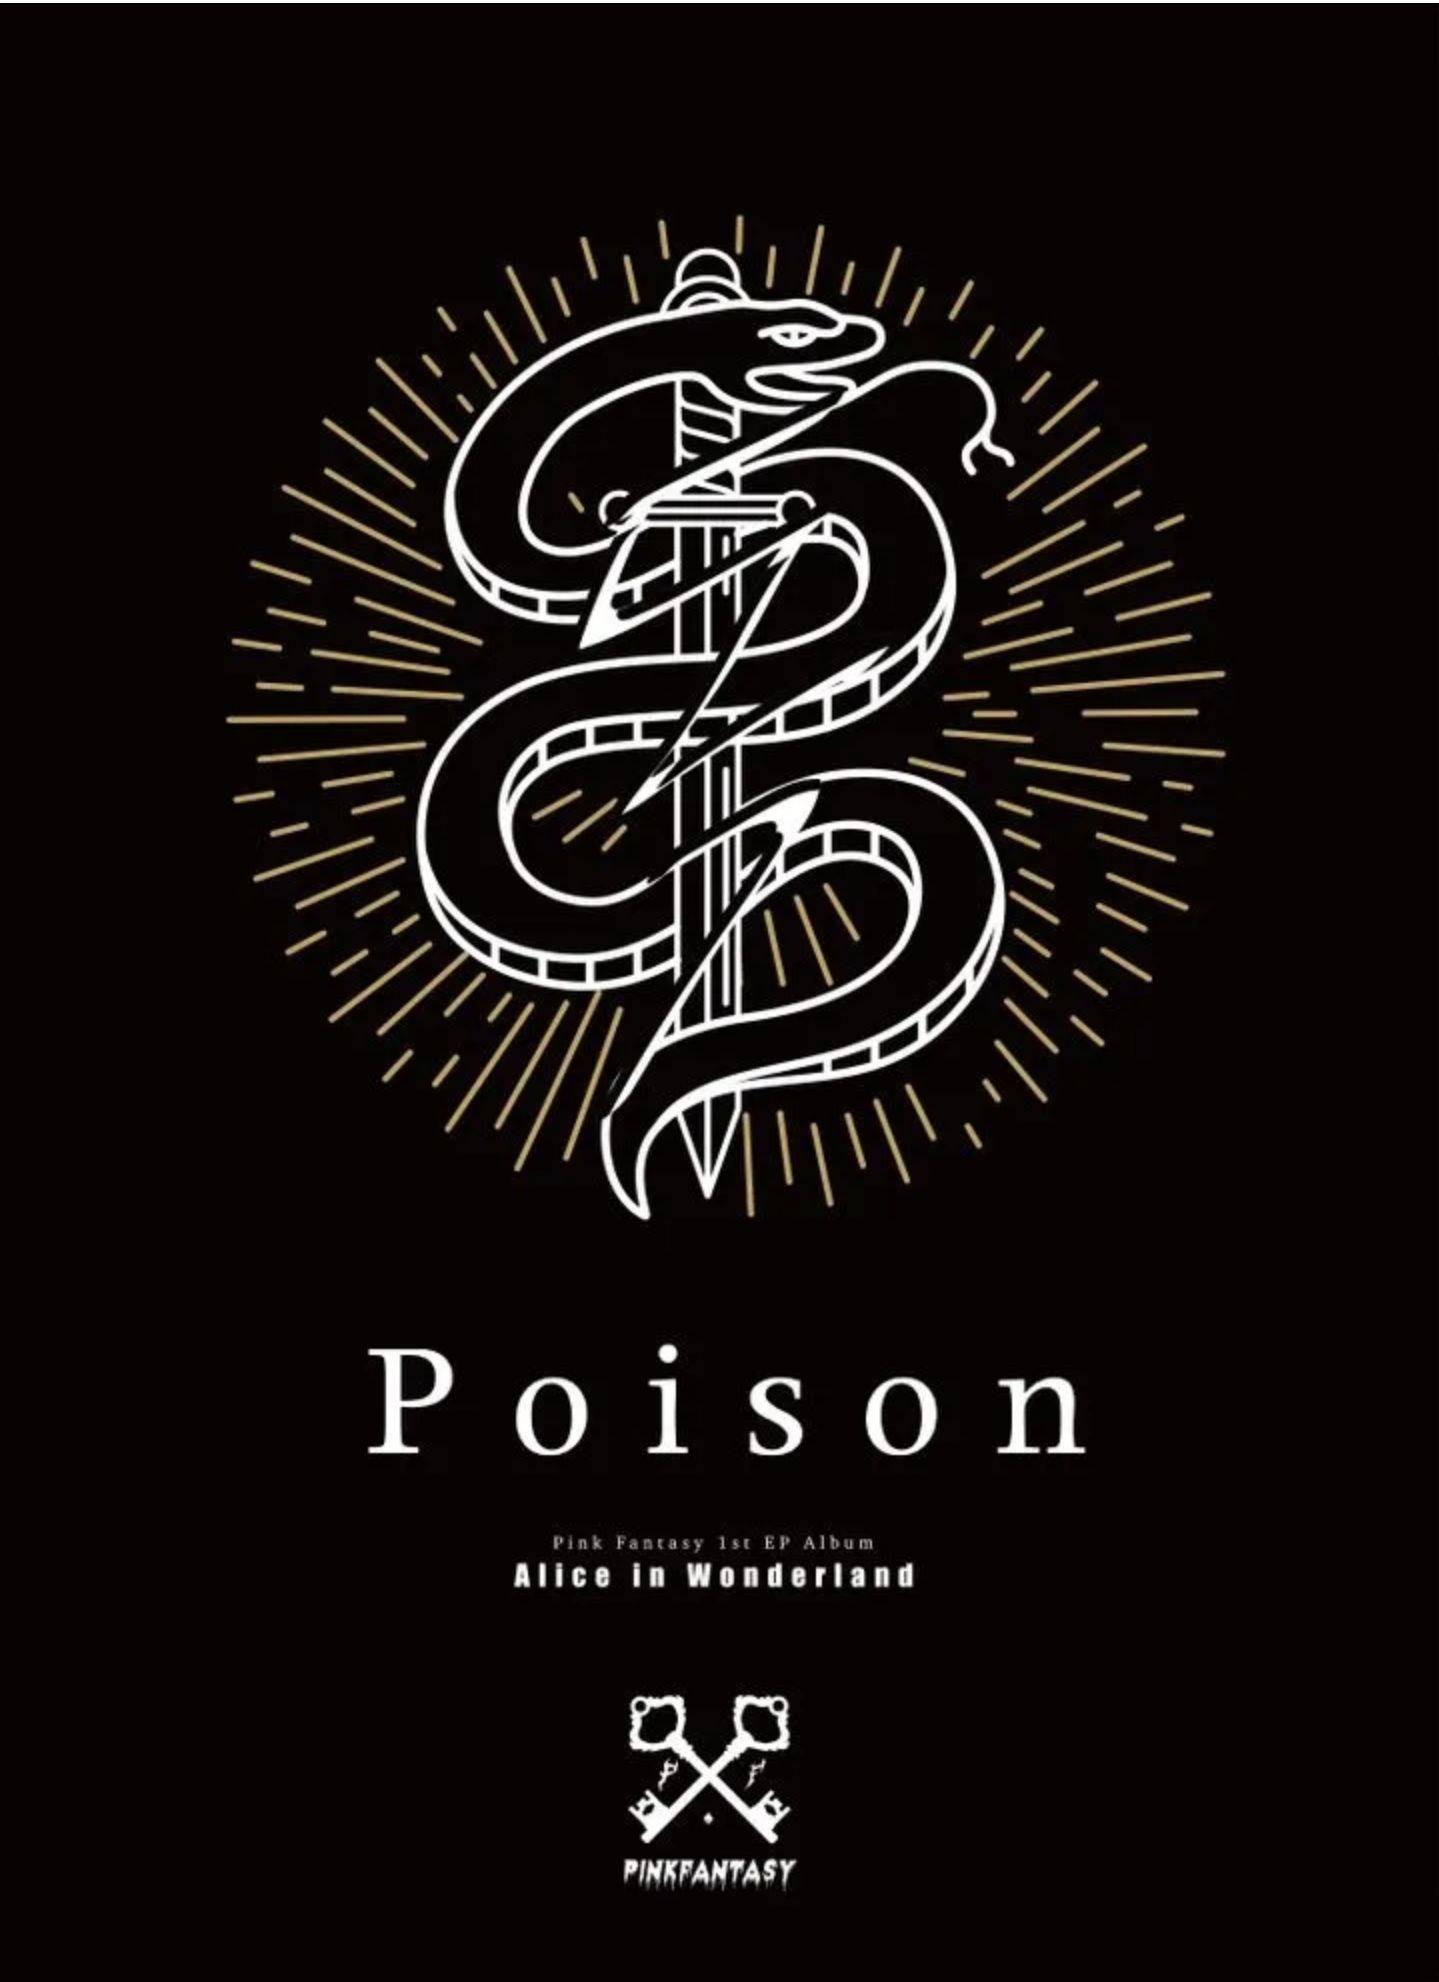 Alice in Wonderland (Poison version)